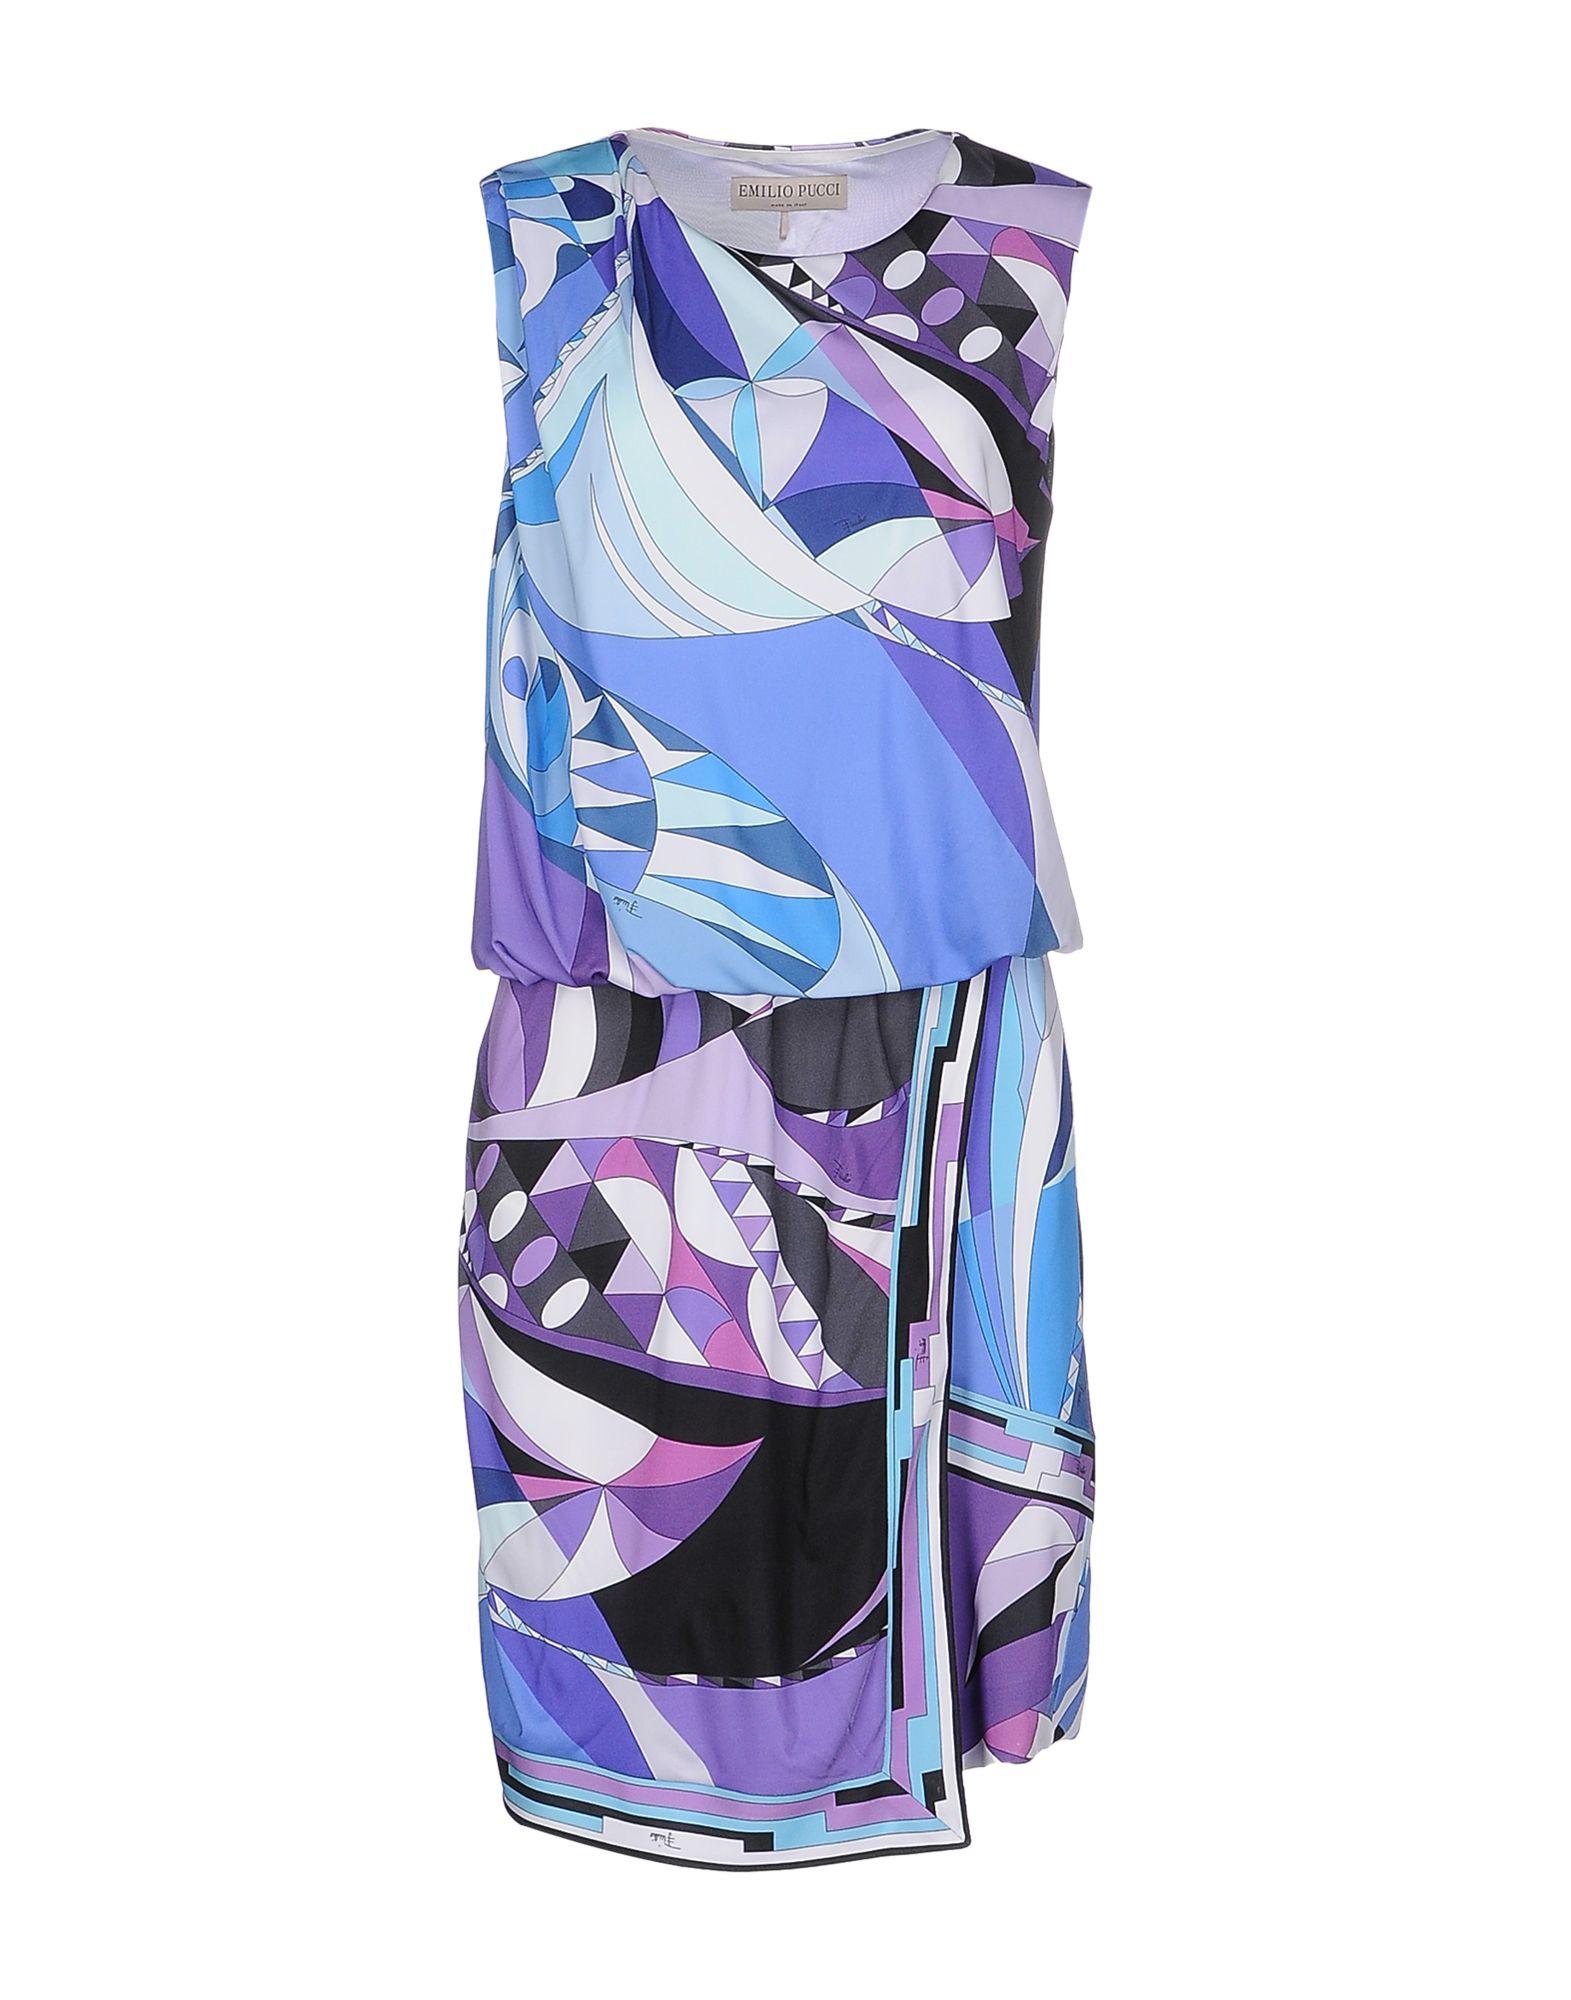 Emilio pucci Short Dress in Purple